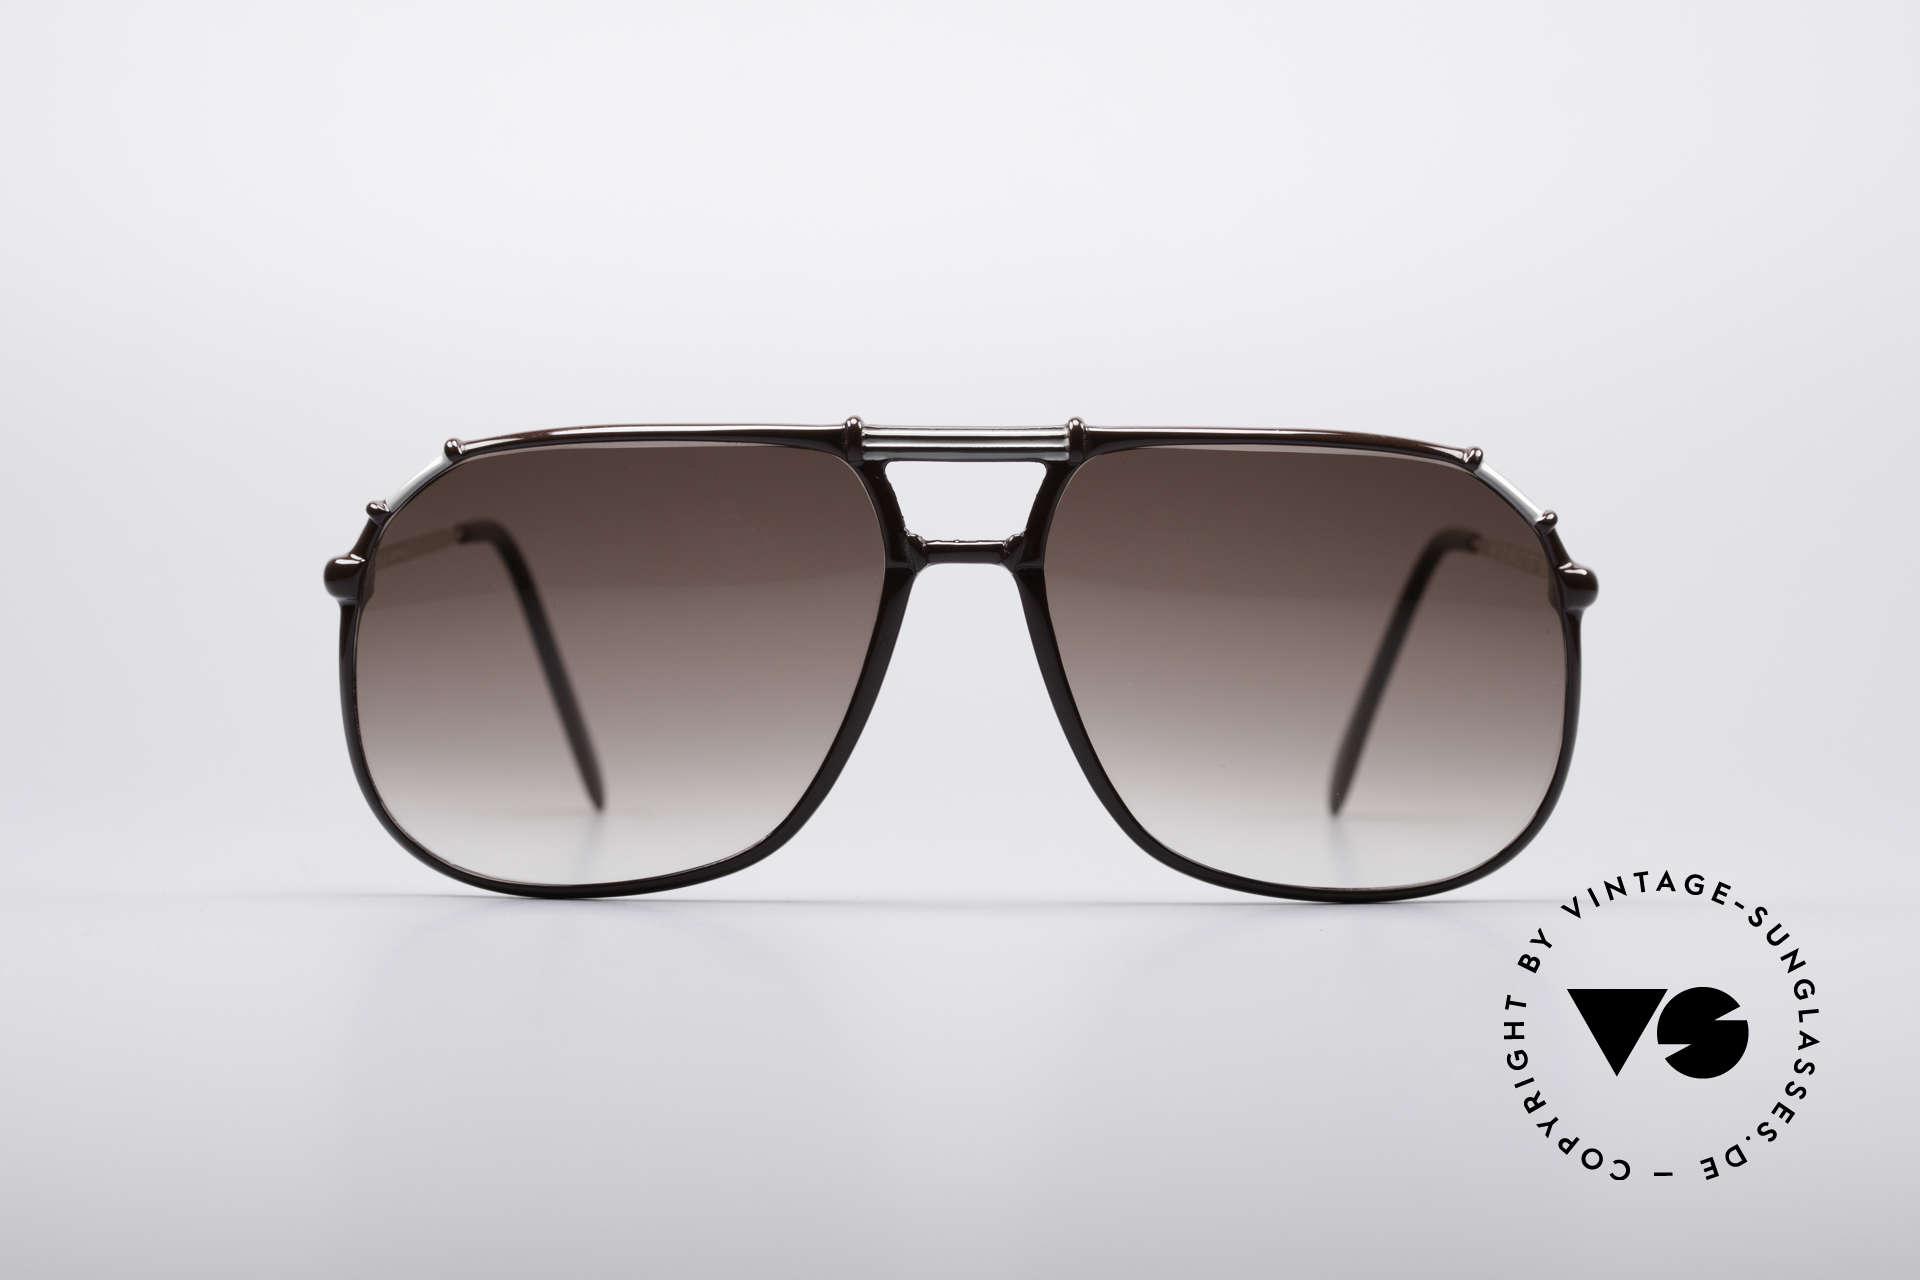 9a30bc71b5a Sunglasses Neostyle VIP 100 Classic 80 s Sunglasses